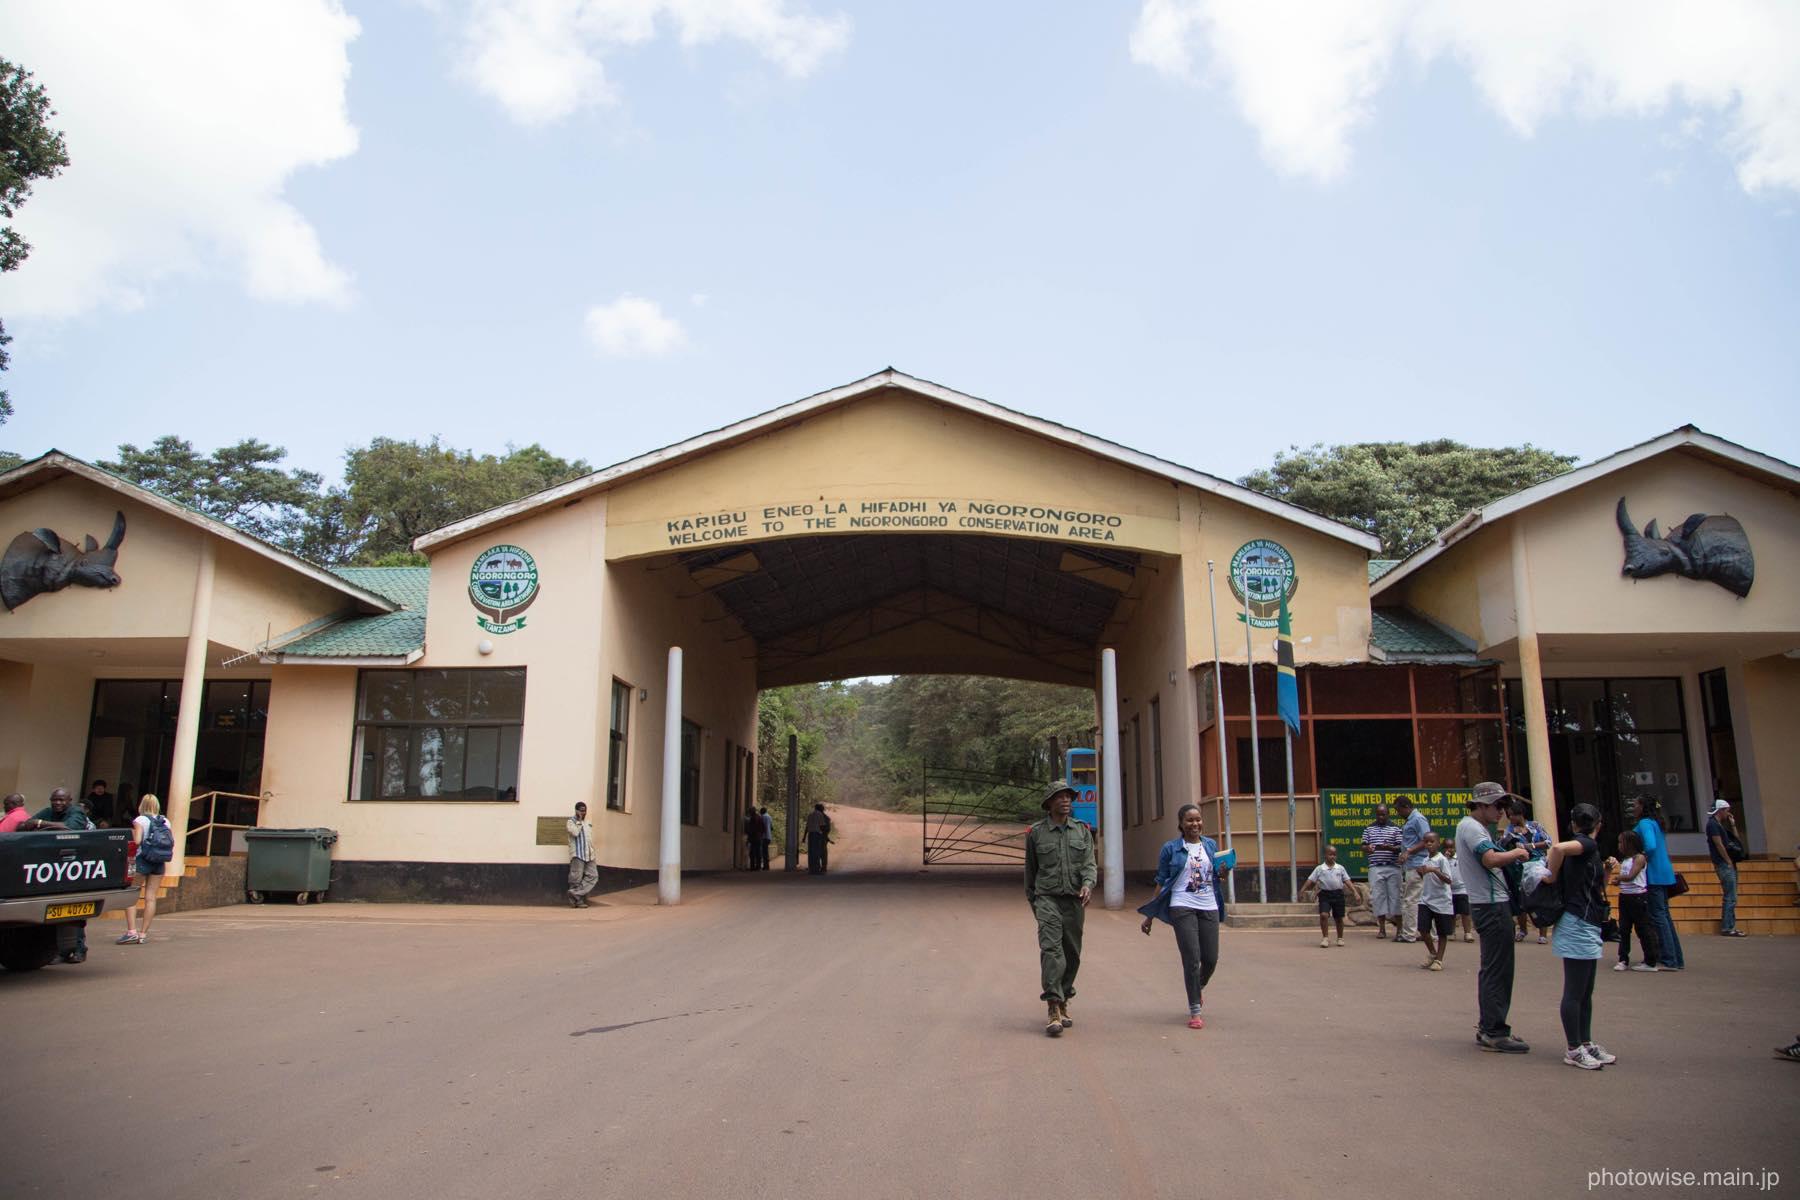 ンゴロンゴロ保全地域の画像 p1_33